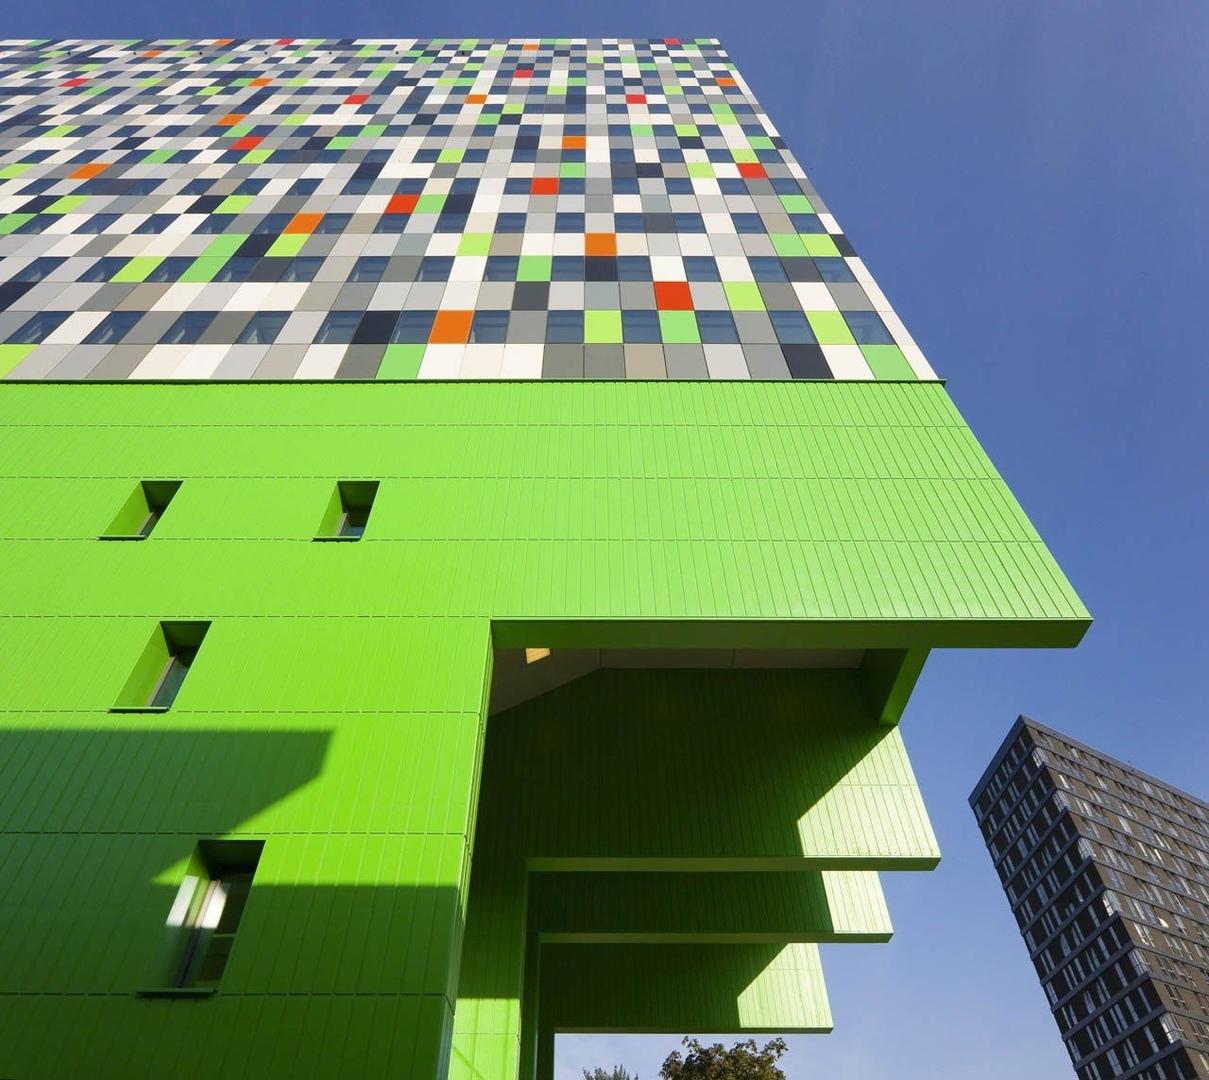 Architectenbureau Marlies Rohmer / 380 Student Units and Public Space Design